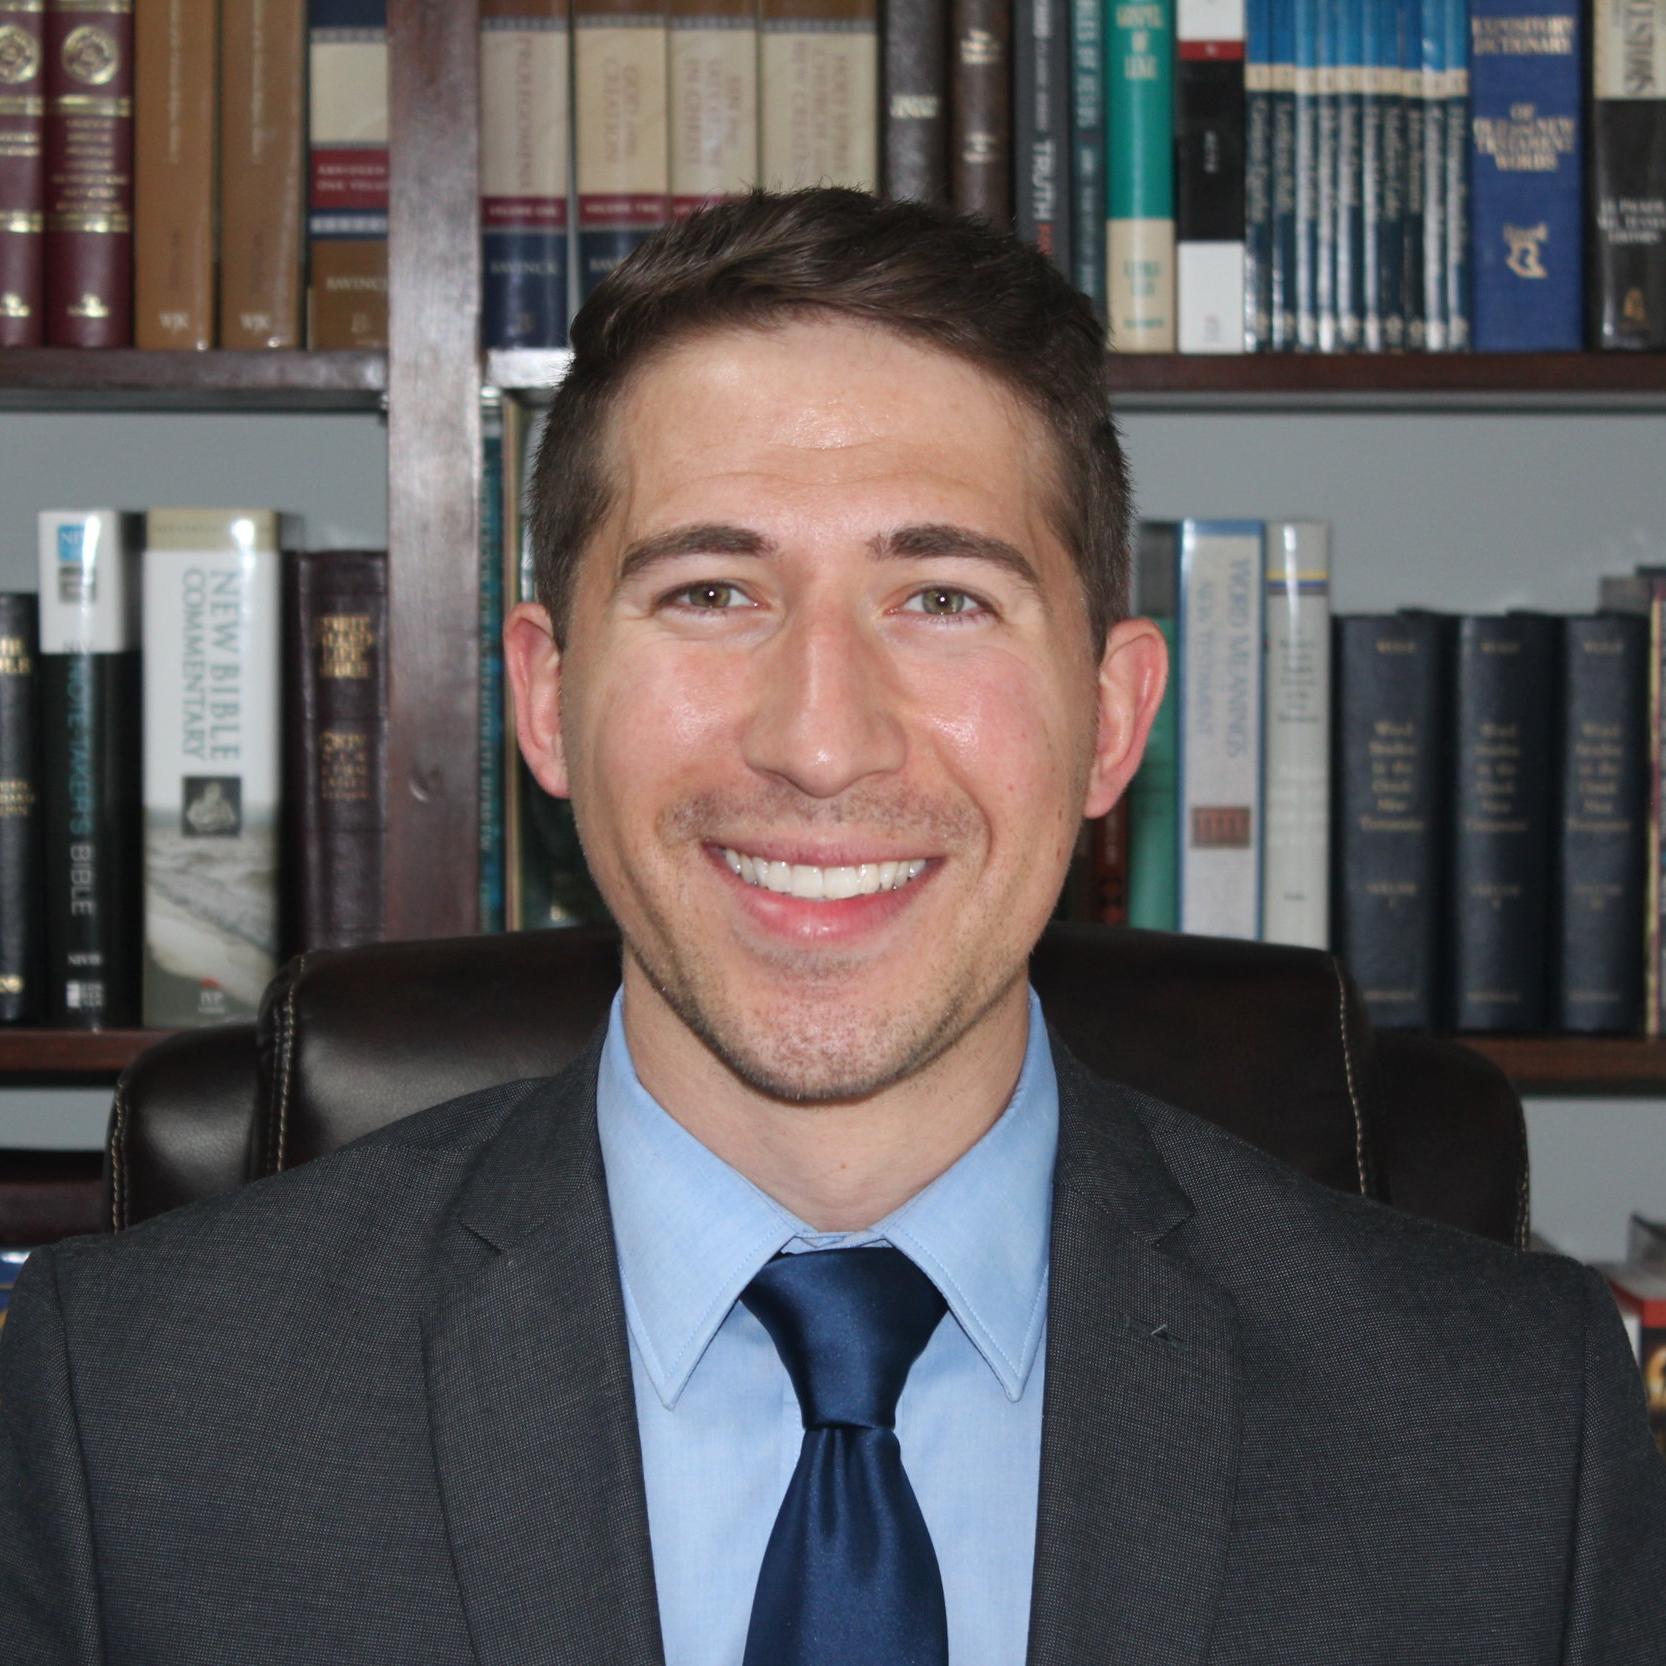 Andrew Di Iulio